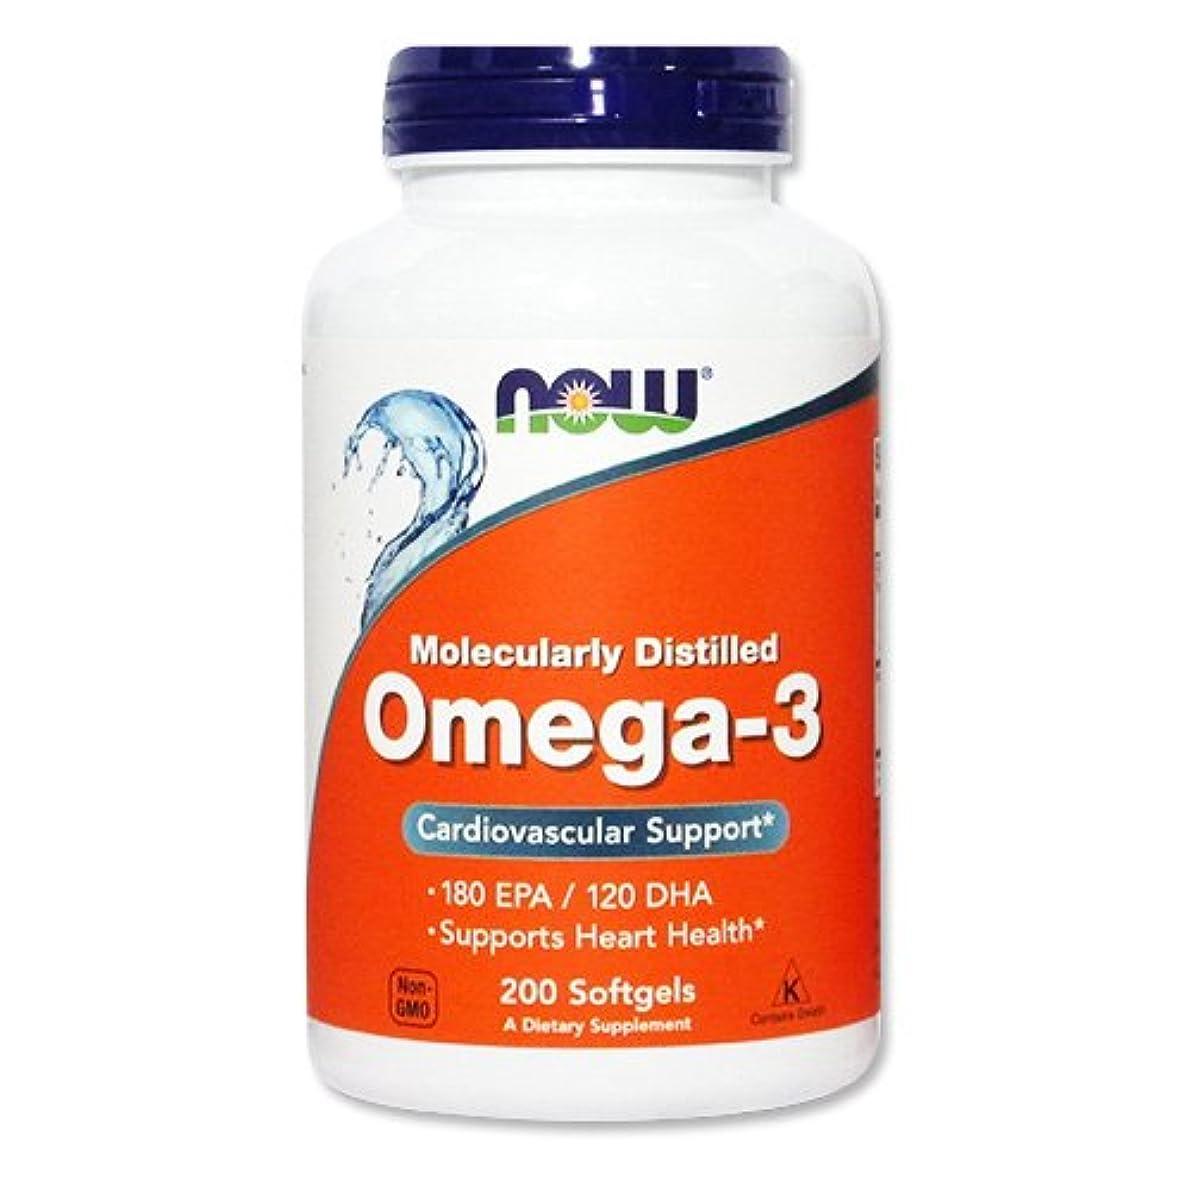 スプレー気分出発[海外直送品] NOW Foods オメガ3 1000mg 200粒 Omega-3 200softgels 3本セット